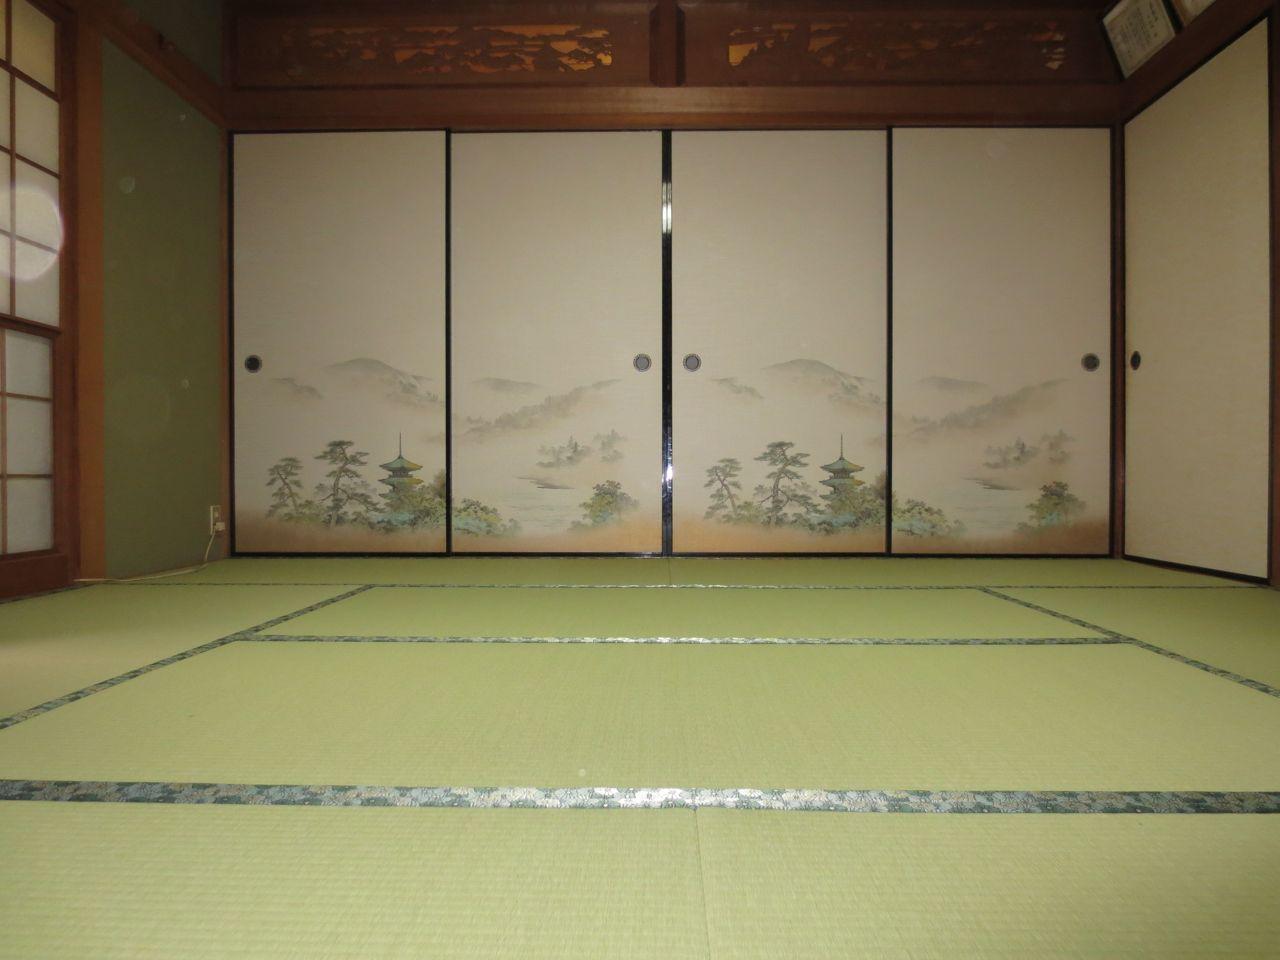 畳のダニ退治に効果的な方法は?おすすめのダニ退治商品まとめ|marble マーブル